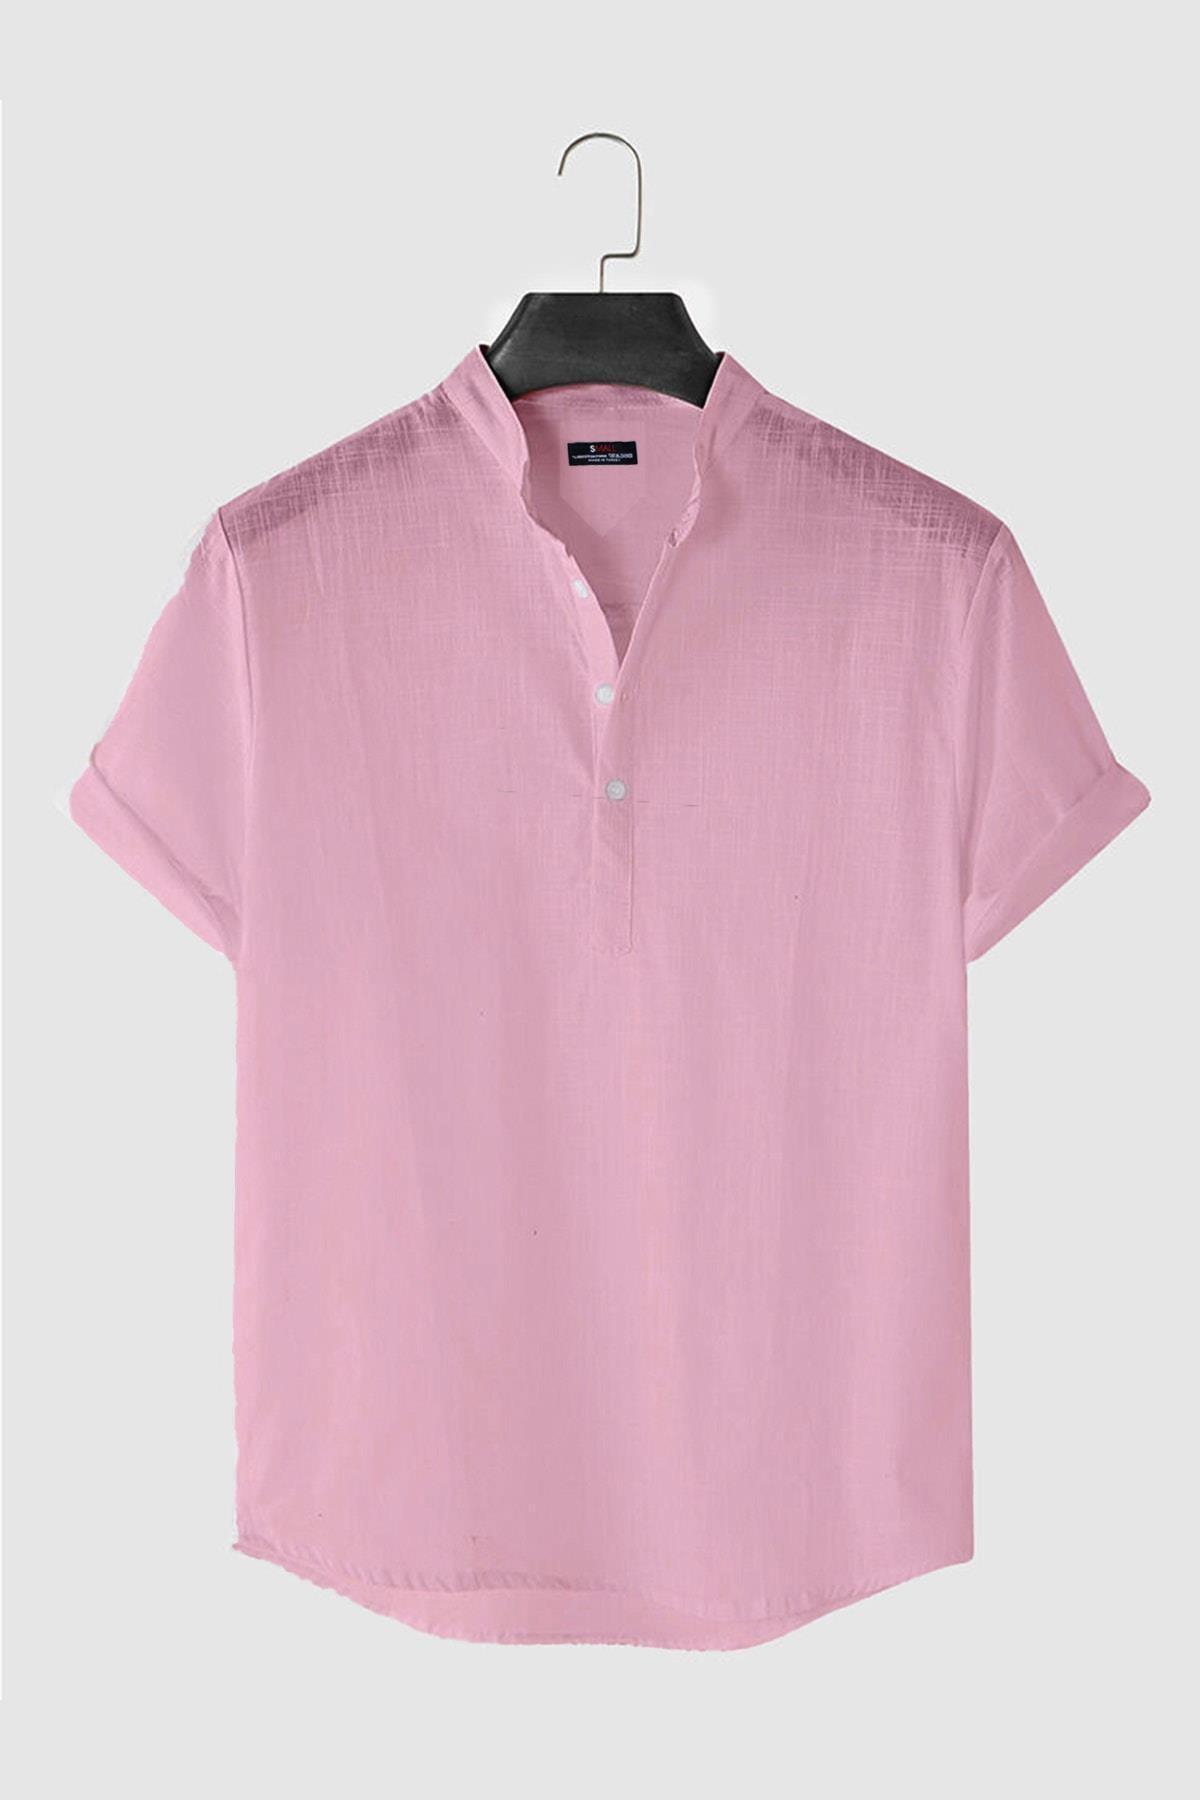 Vernon Hakim Yaka Kısa Kollu Comfort Fit Erkek Keten Gömlek